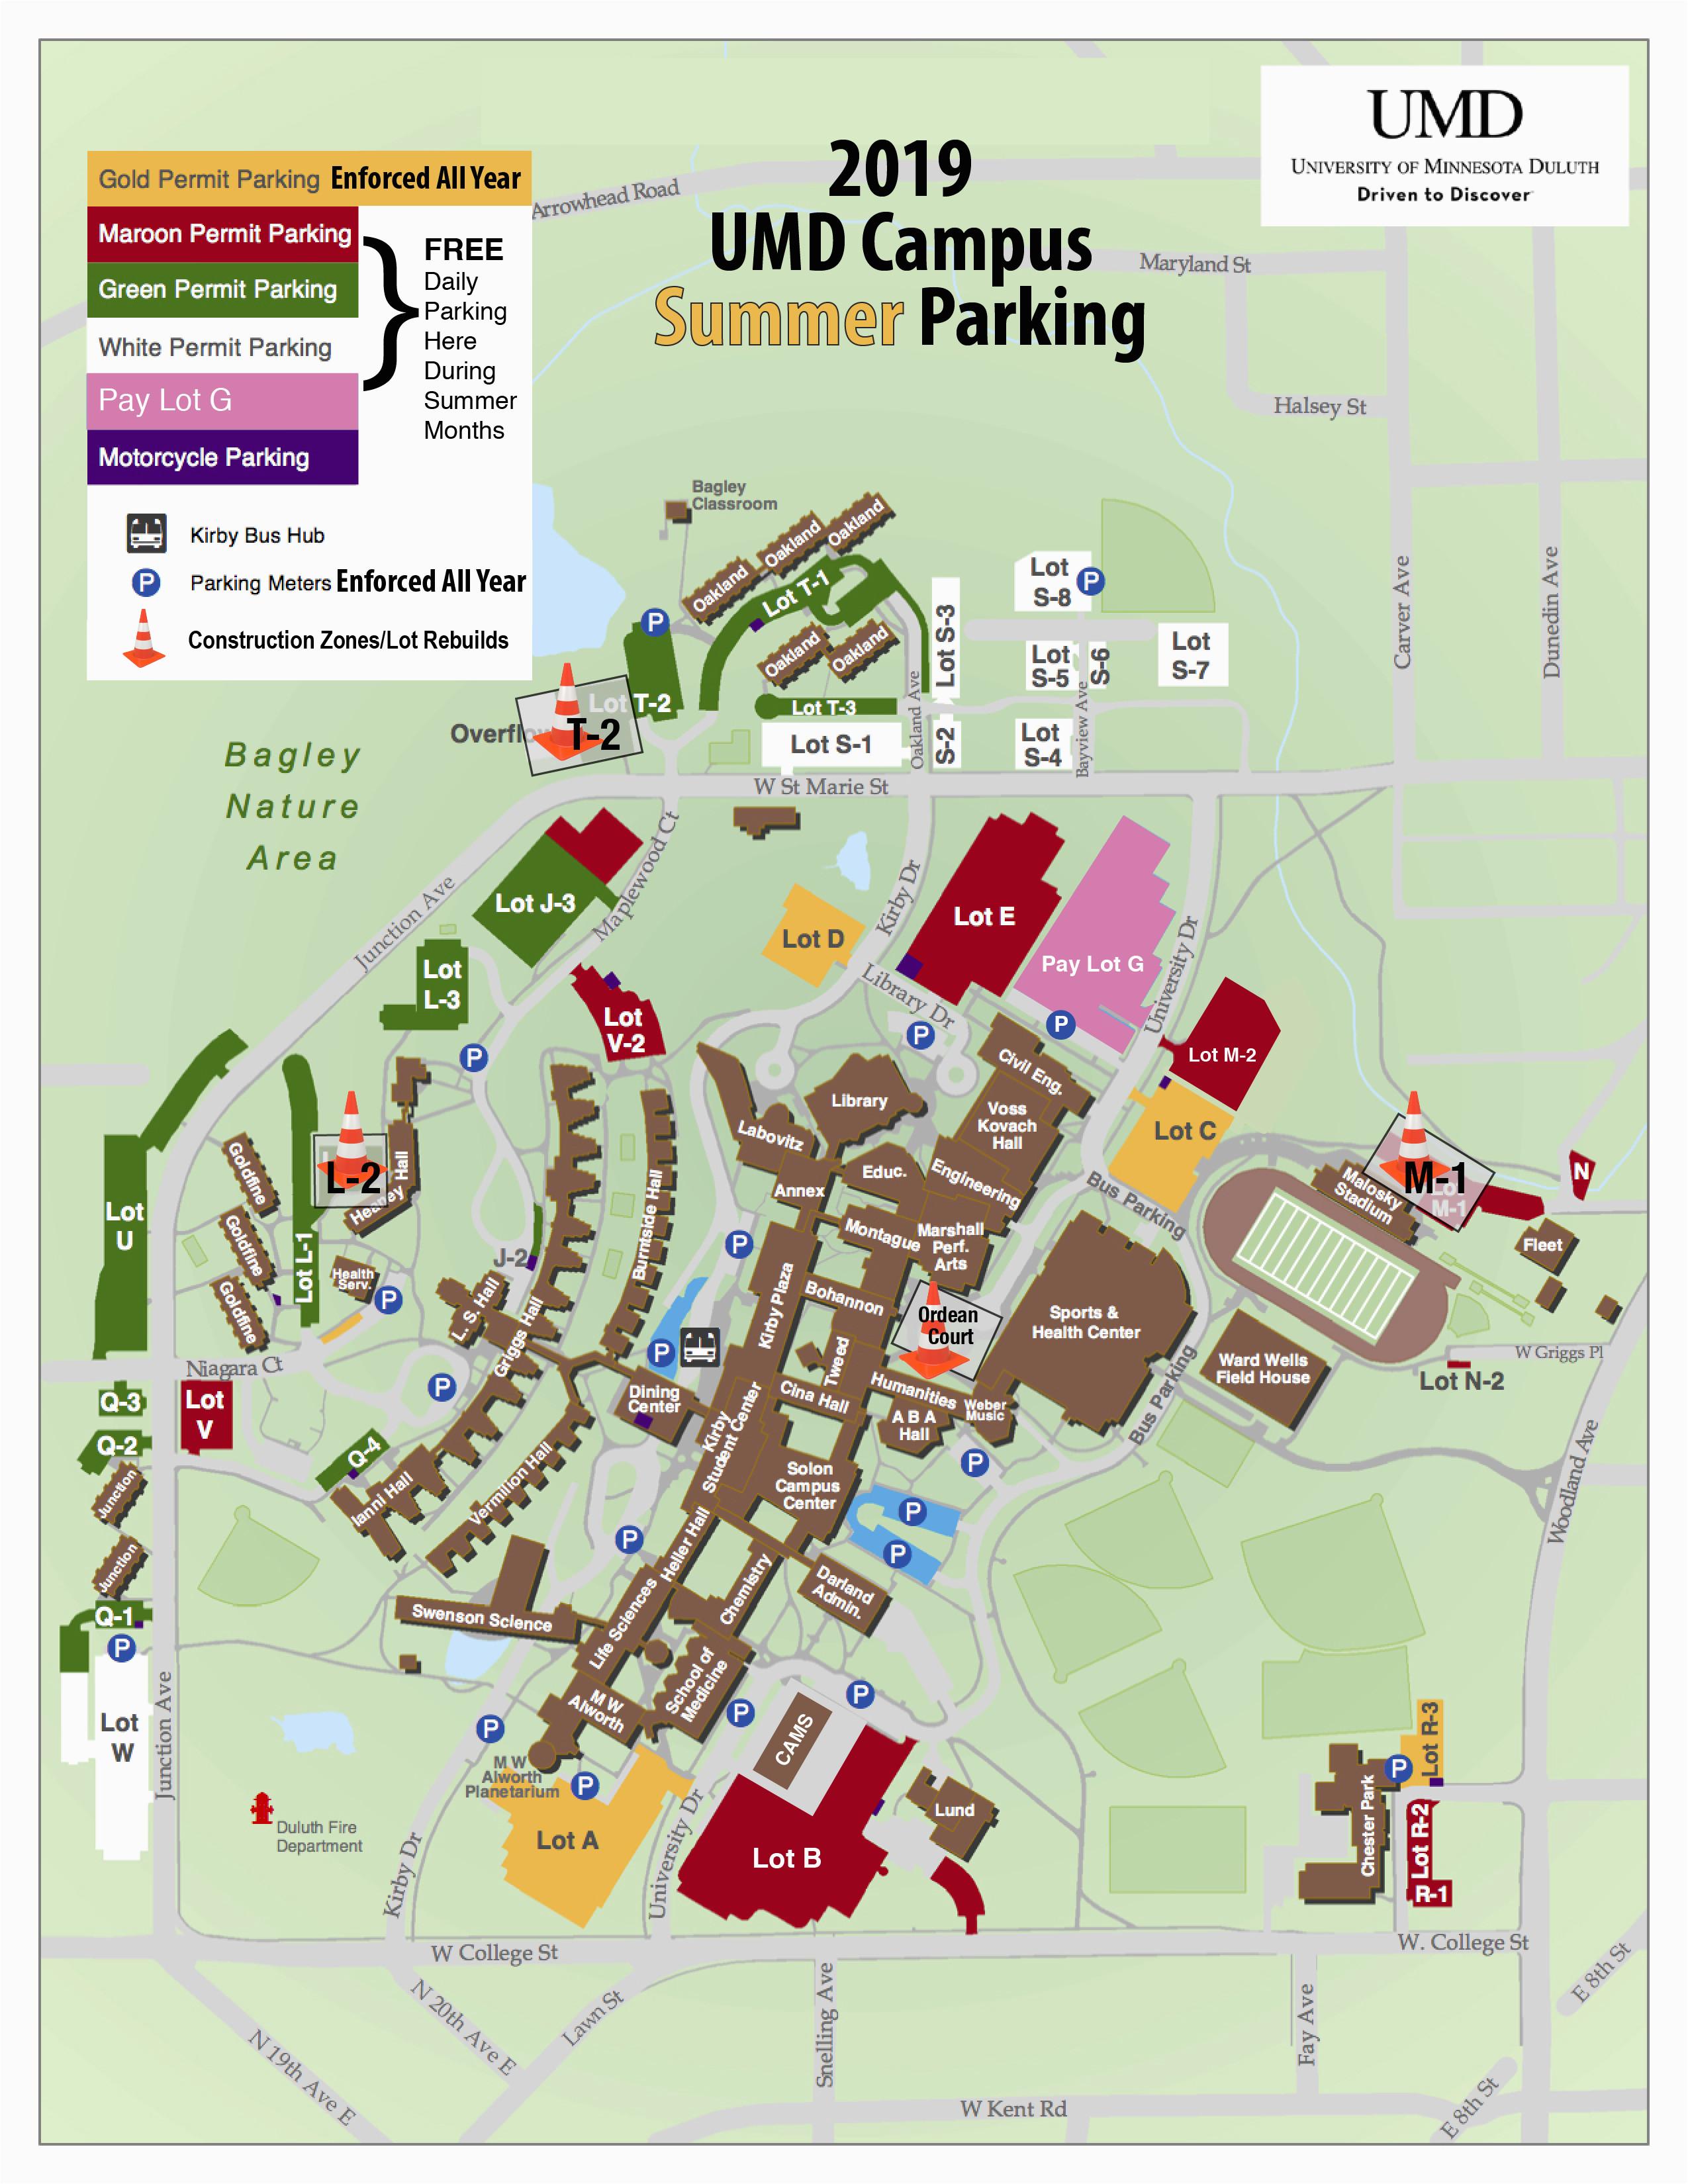 transportation parking services umd